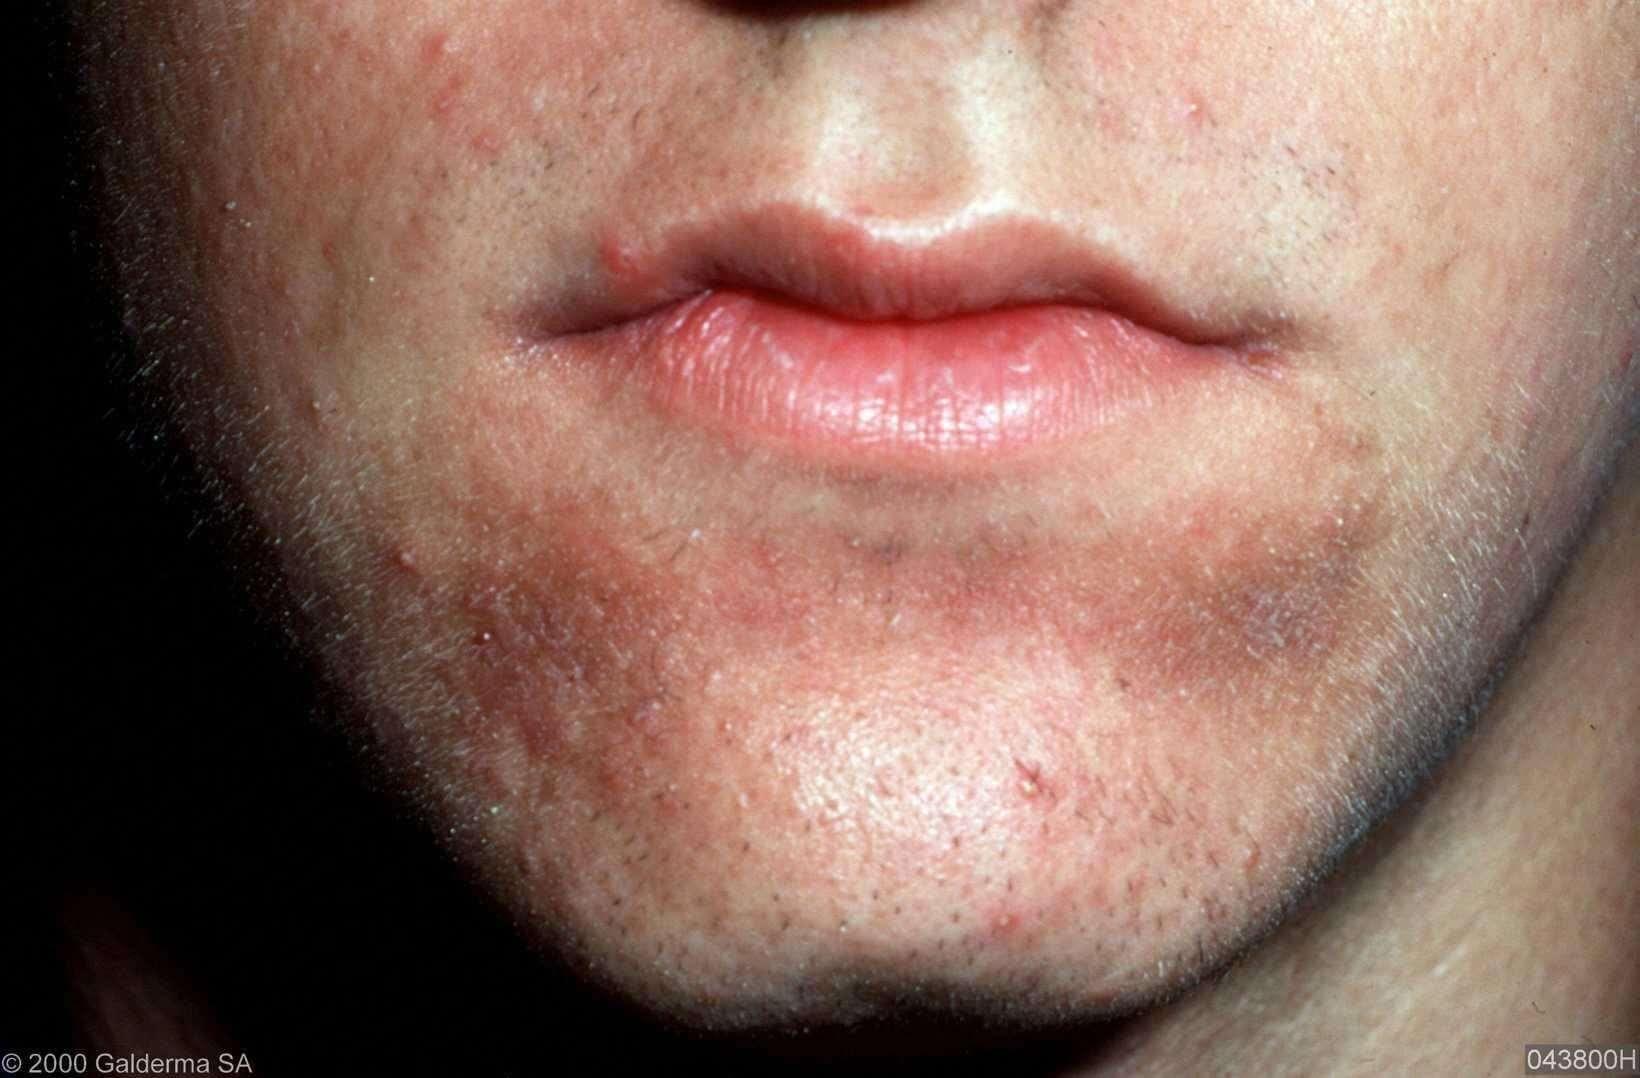 Allergie Planten Huid : Contactallergie huidarts.com